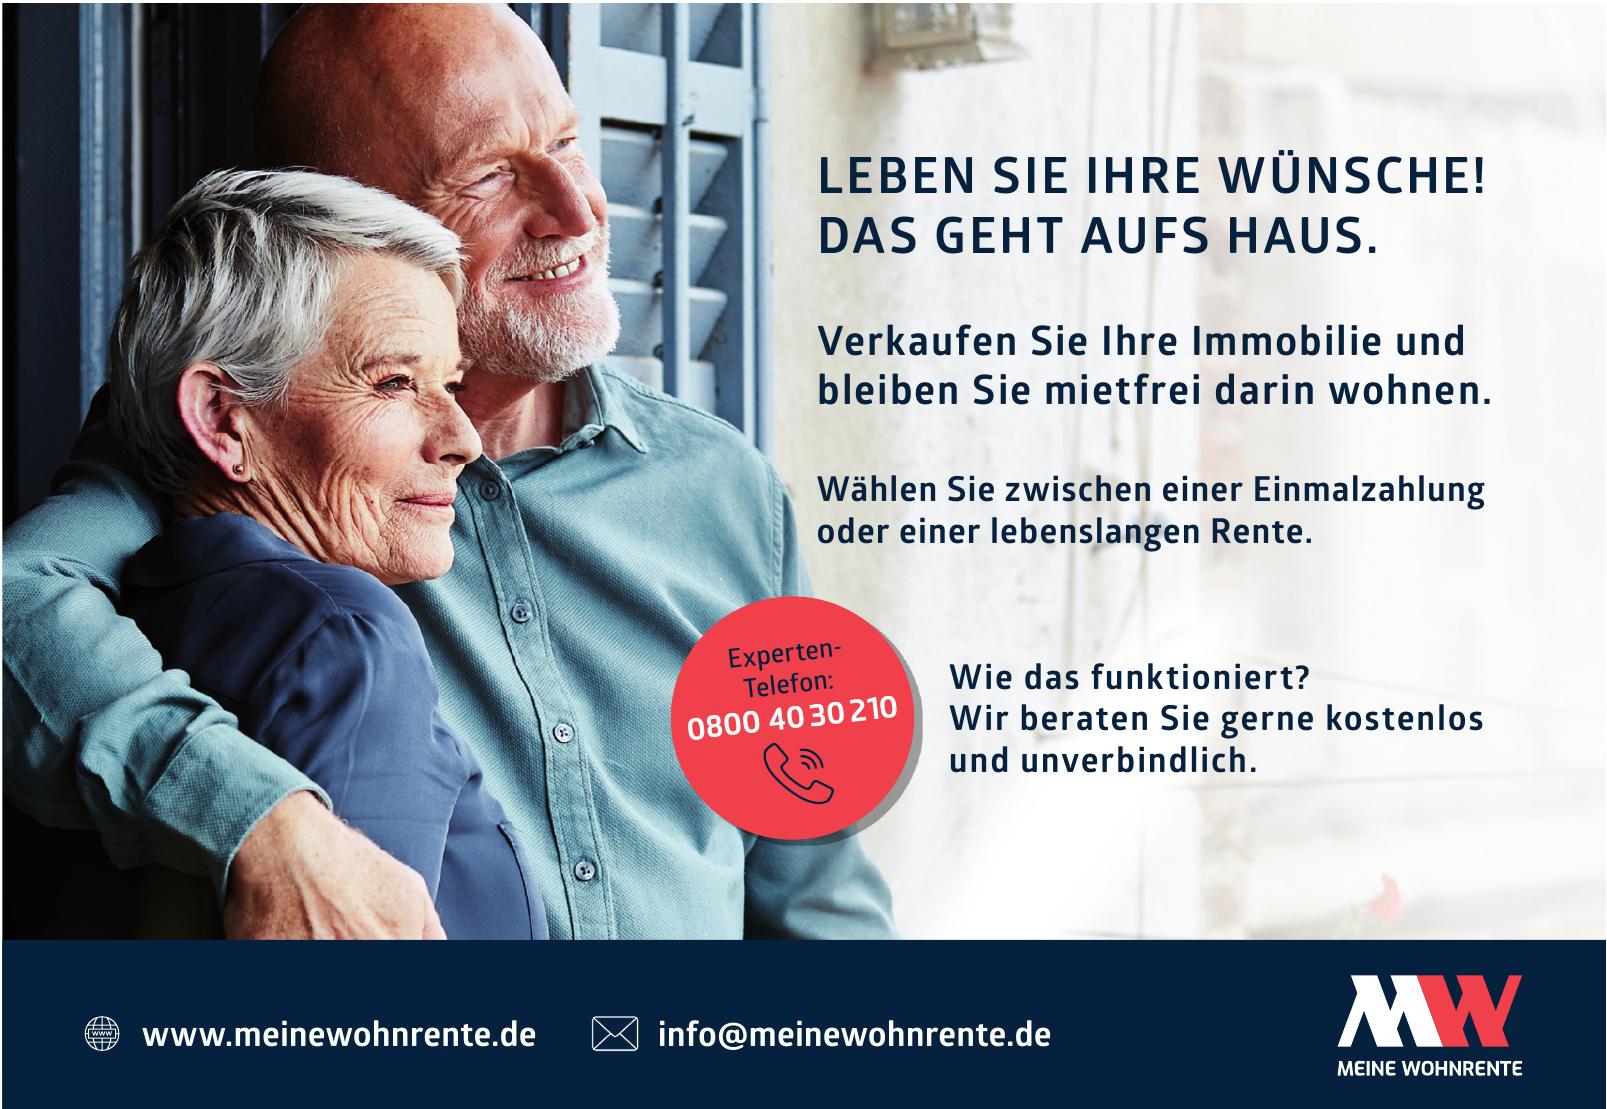 Immobilien-Renten AG Meine Wohnrente